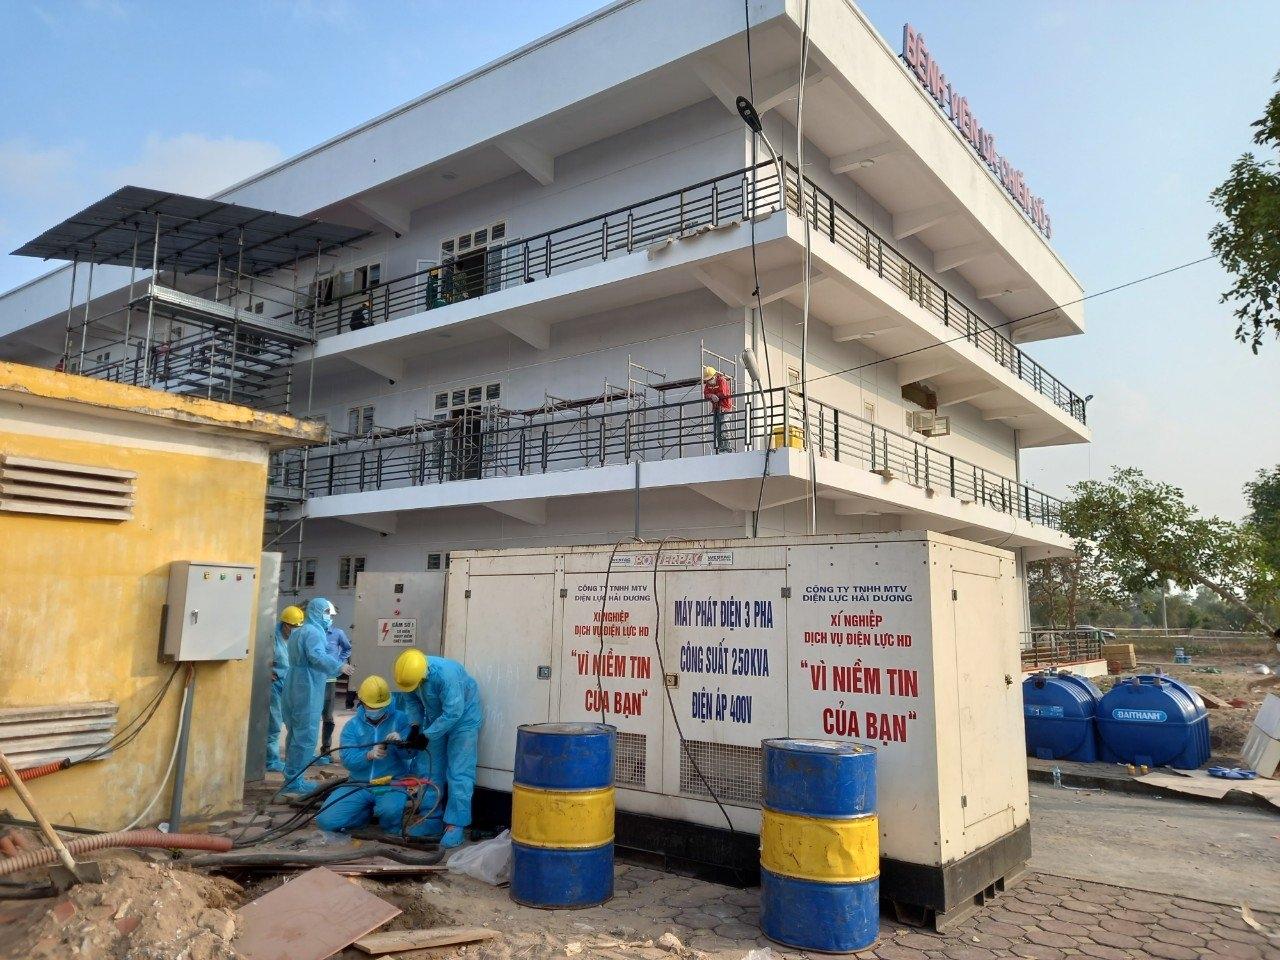 EVN: Ứng trực 24/24h, đảm bảo cung ứng điện an toàn, ổn định dịp Tết Tân Sửu